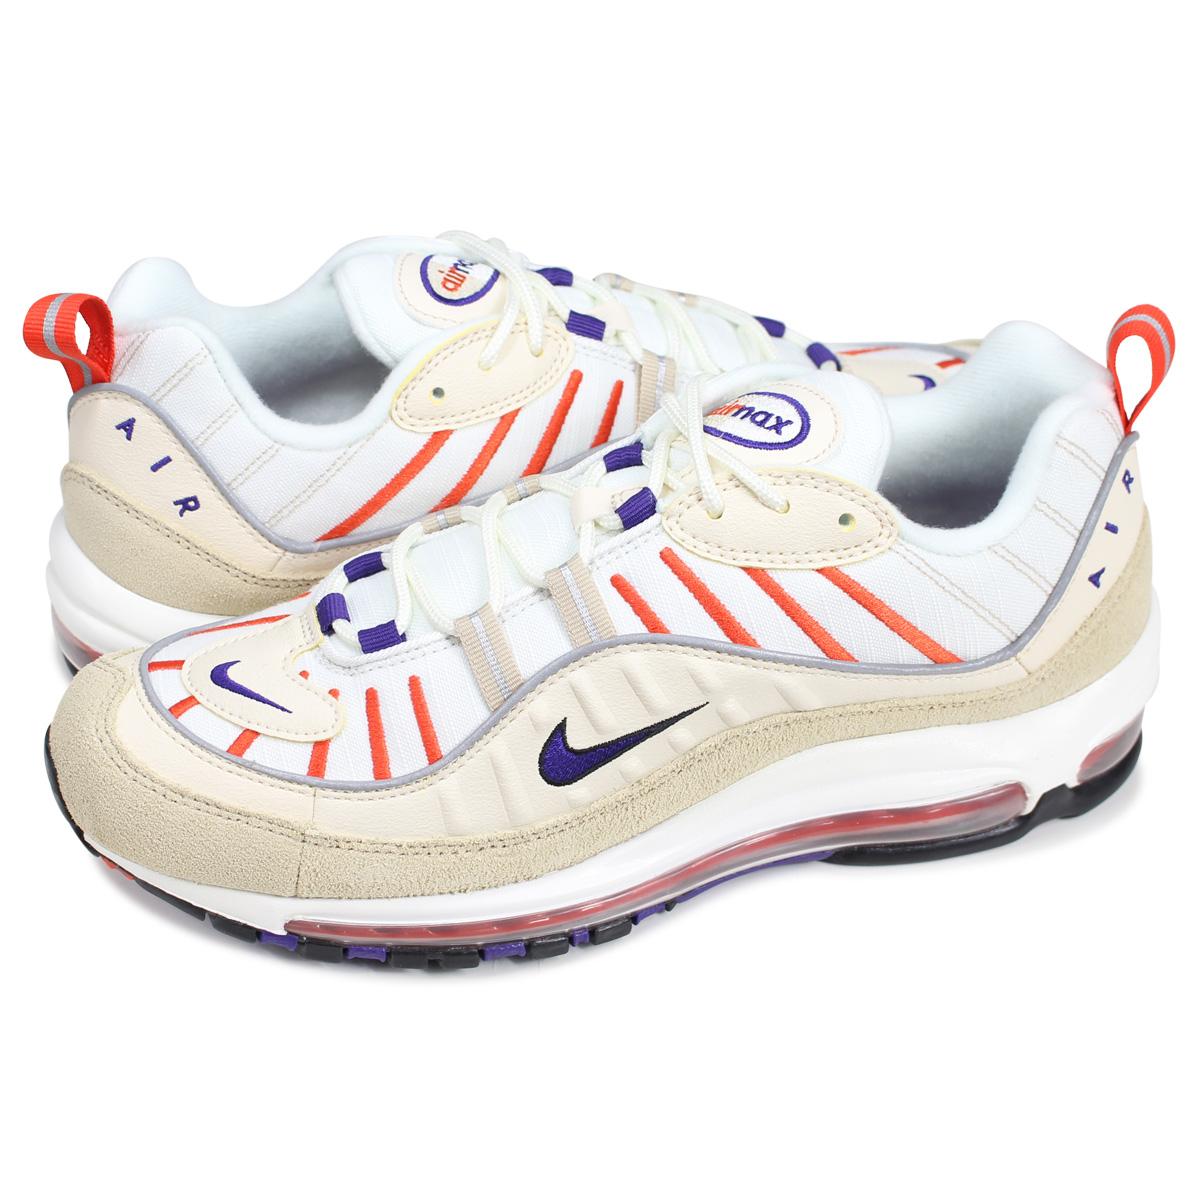 best sneakers 7d6ac 167ed Nike NIKE Air Max 98 sneakers men AIR MAX 98 off-white 640,744-108